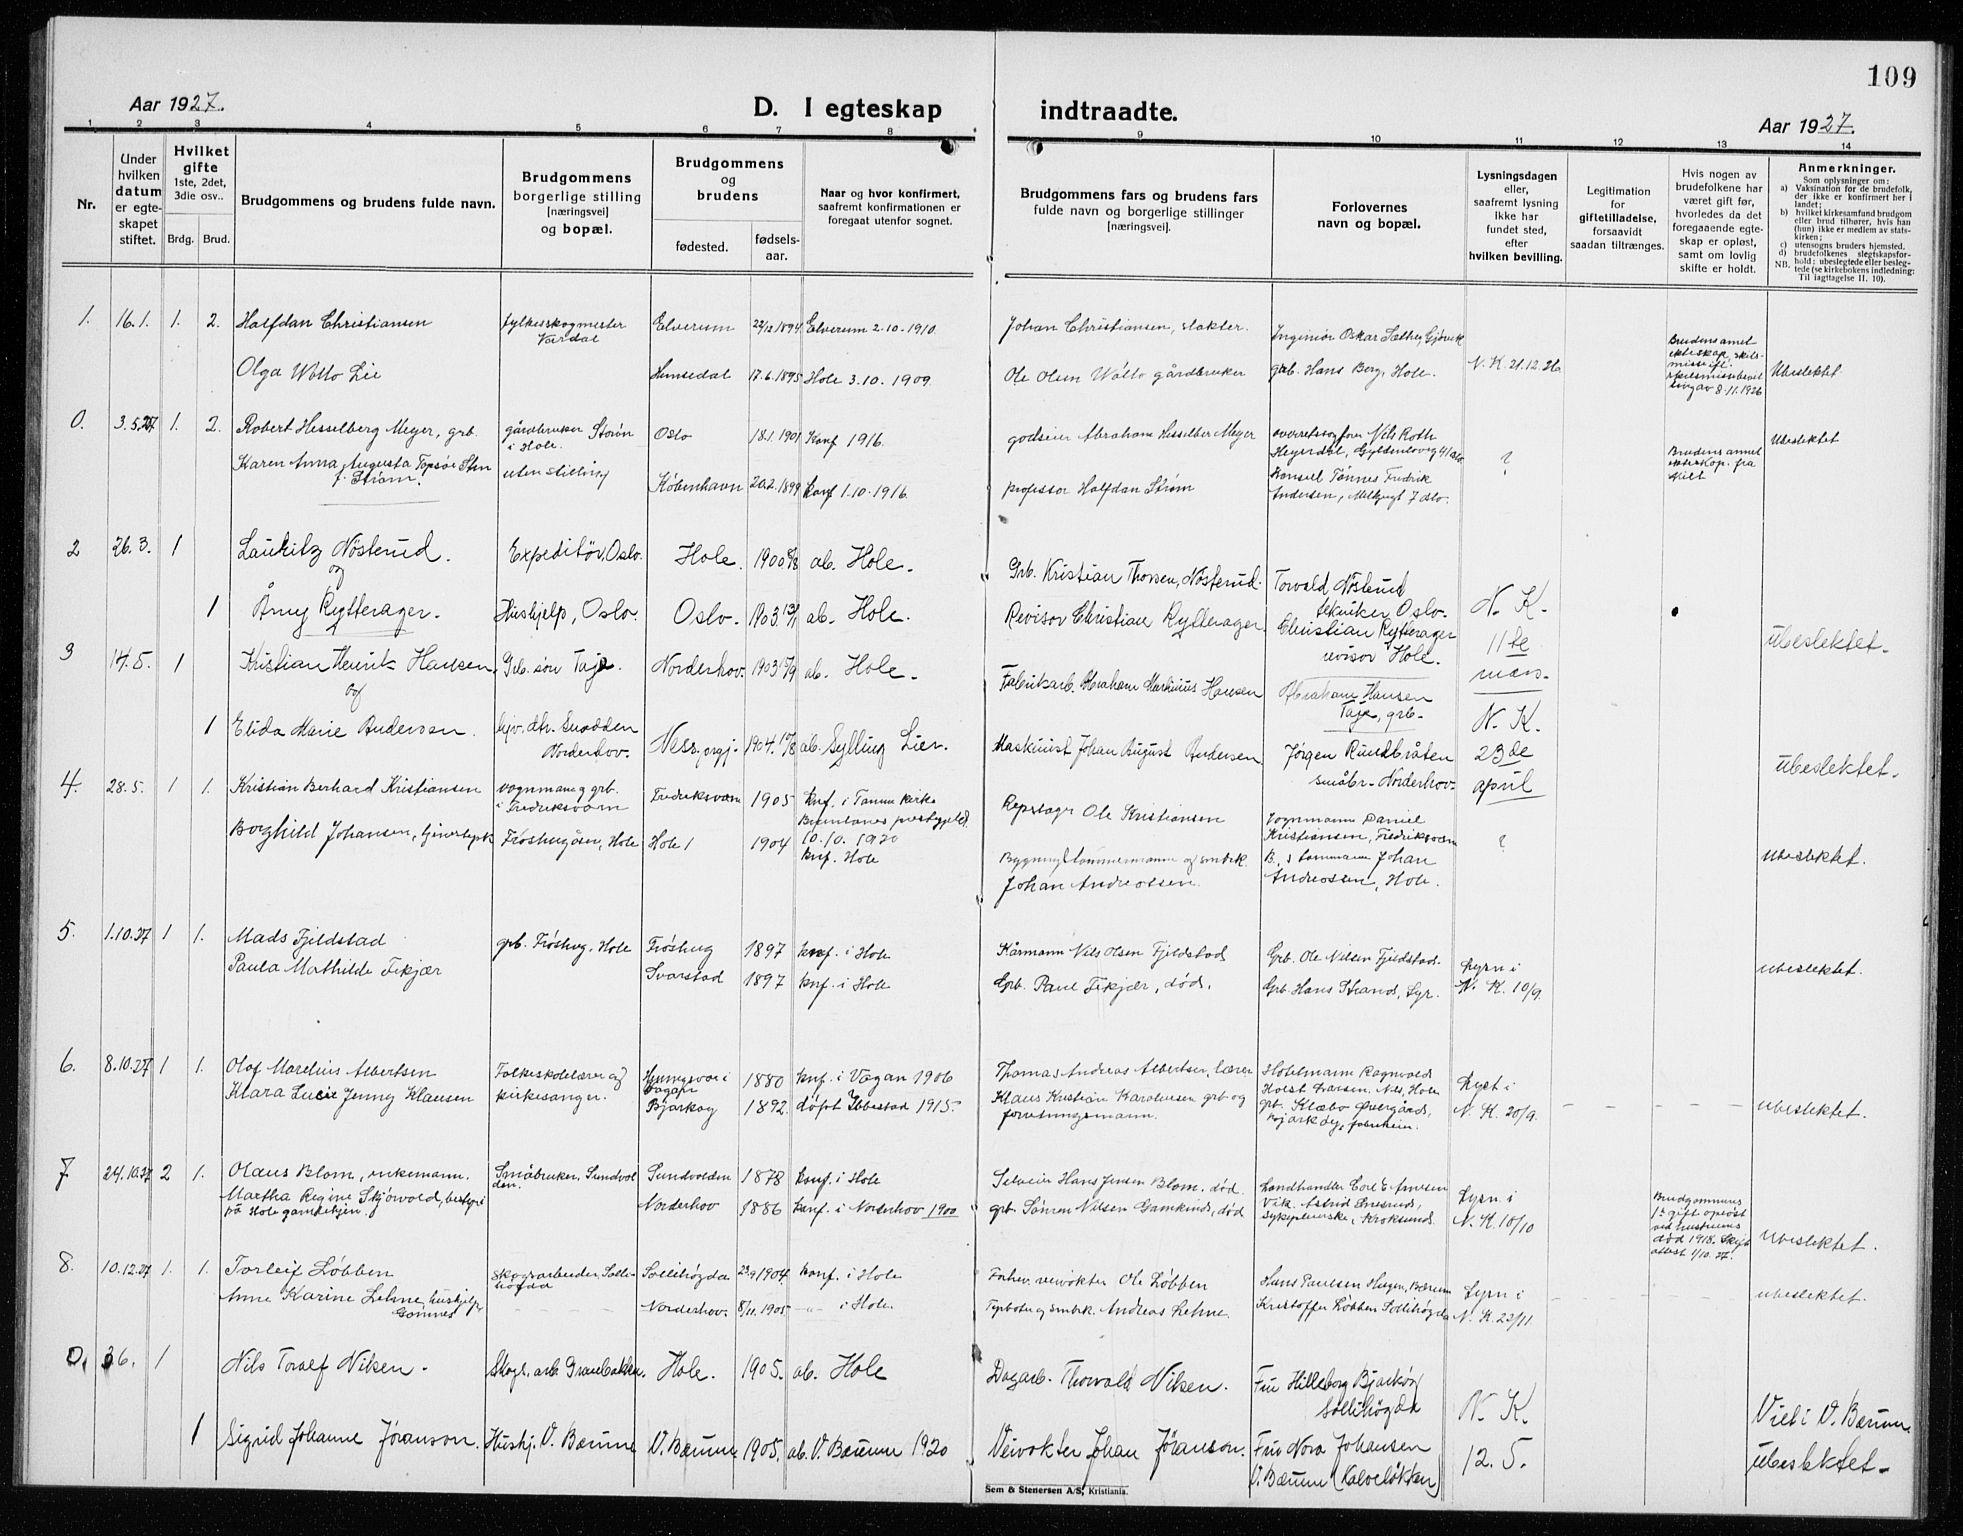 SAKO, Hole kirkebøker, G/Ga/L0005: Klokkerbok nr. I 5, 1924-1938, s. 109